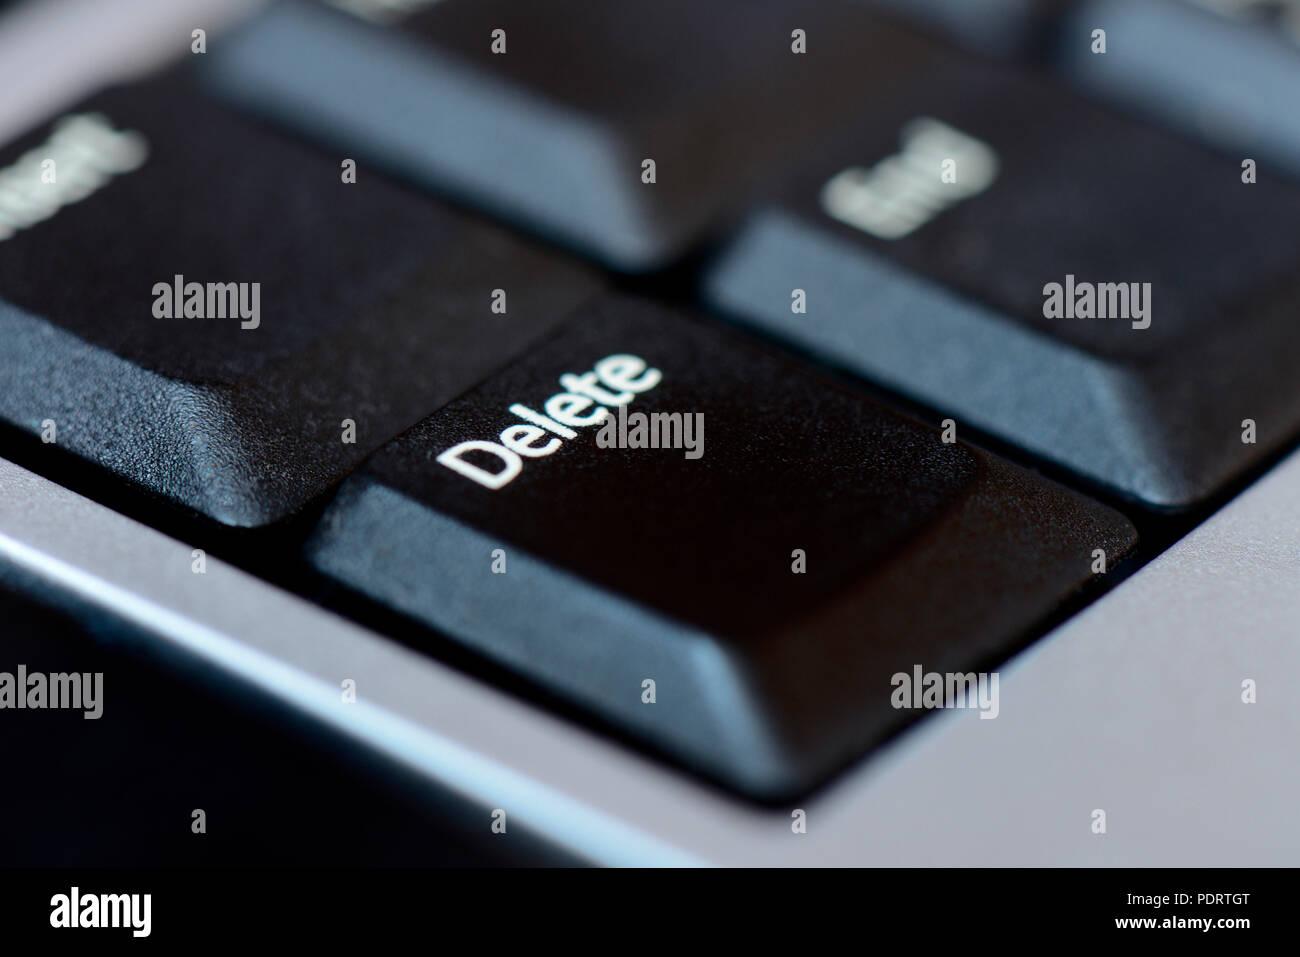 Computer-Tastatur mit Delete-Zeichen, Delete-Taste - Stock Image